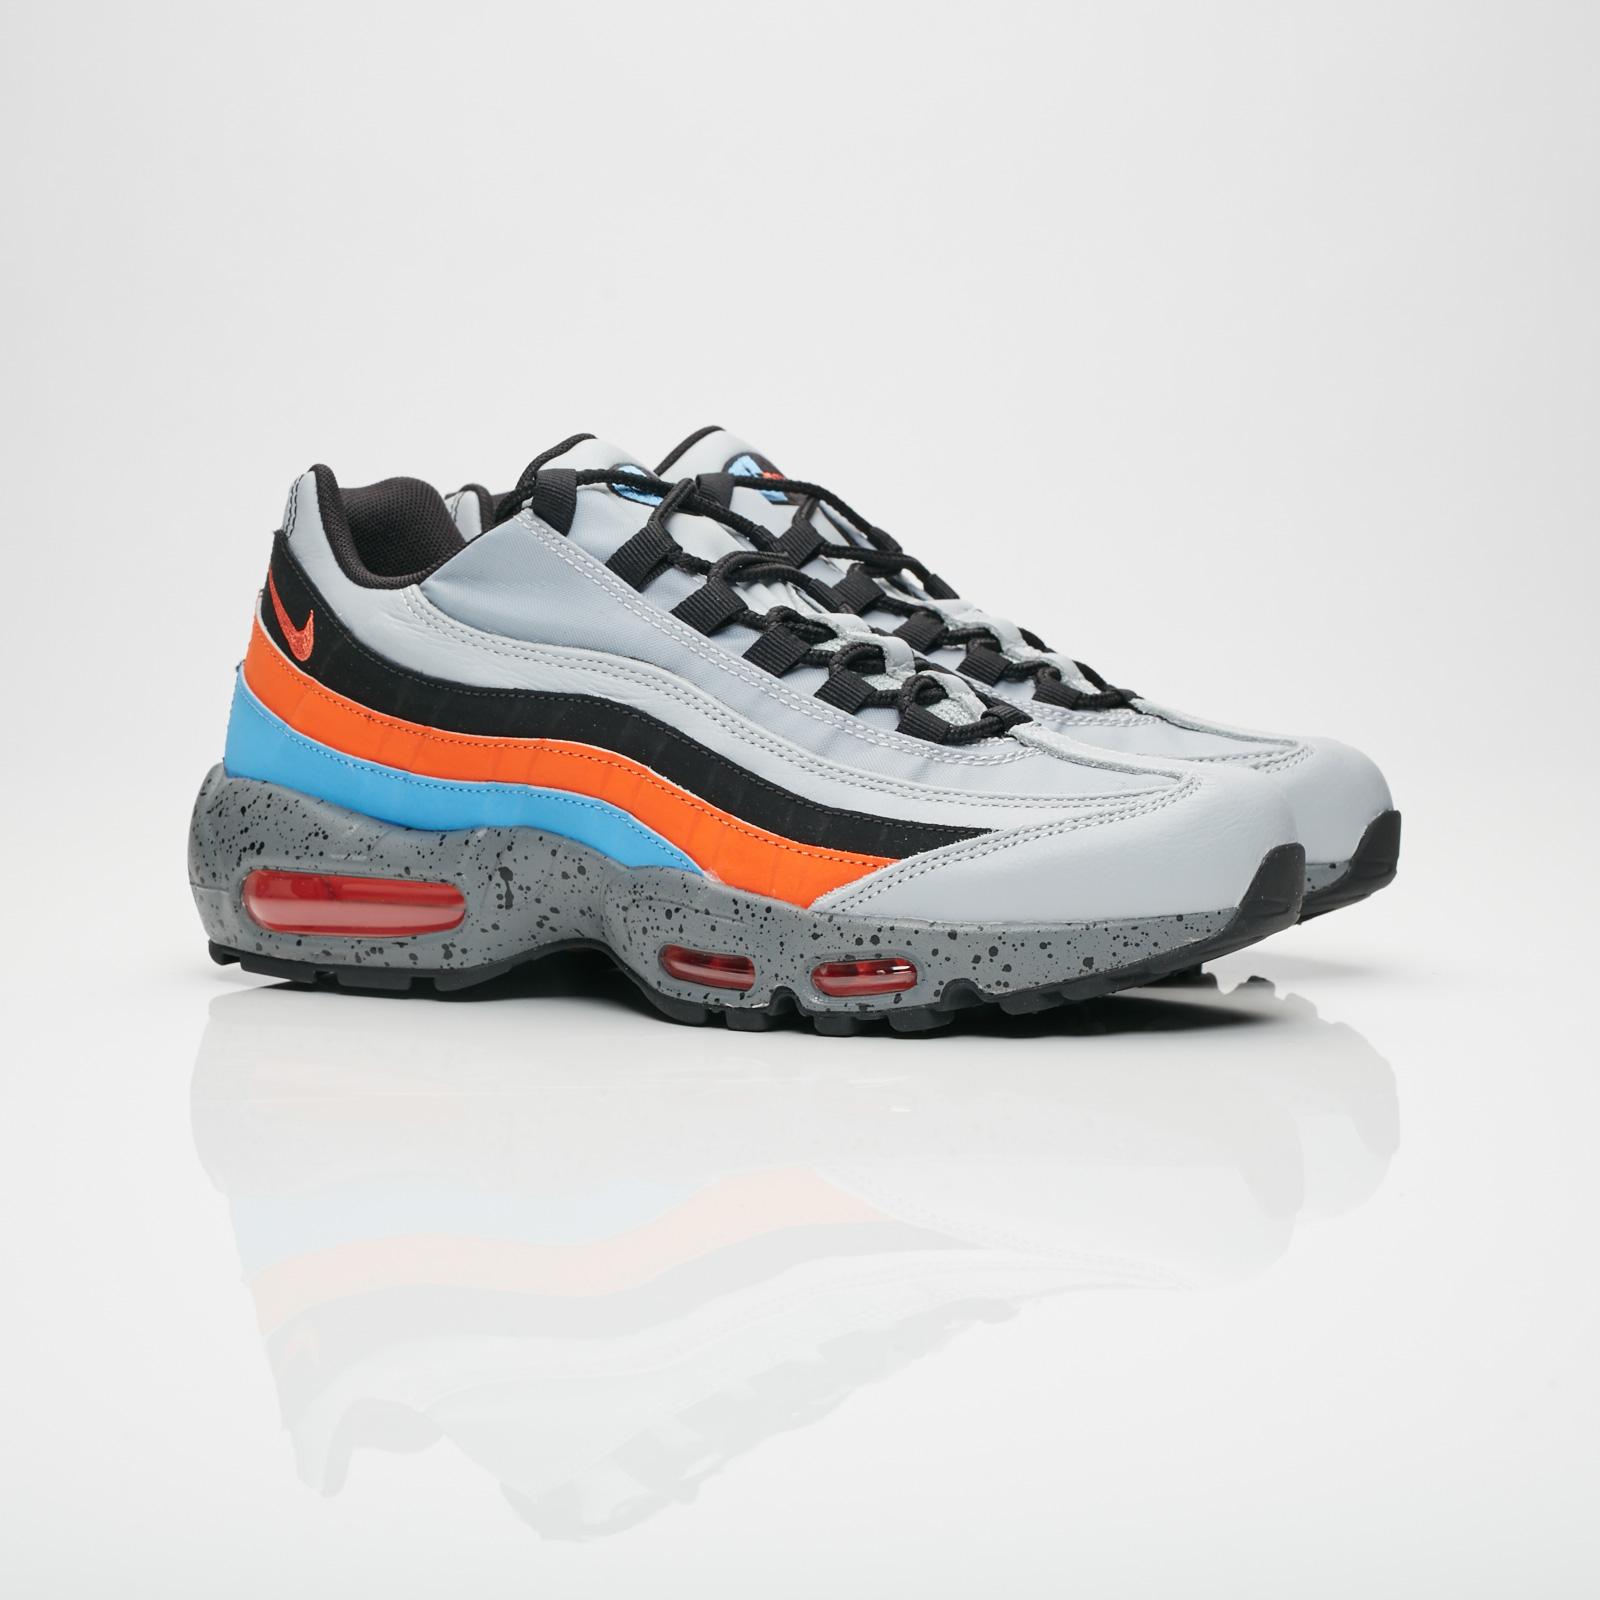 Nike Air Max 95 Premium - 538416-015 - SNS   sneakers & streetwear ...